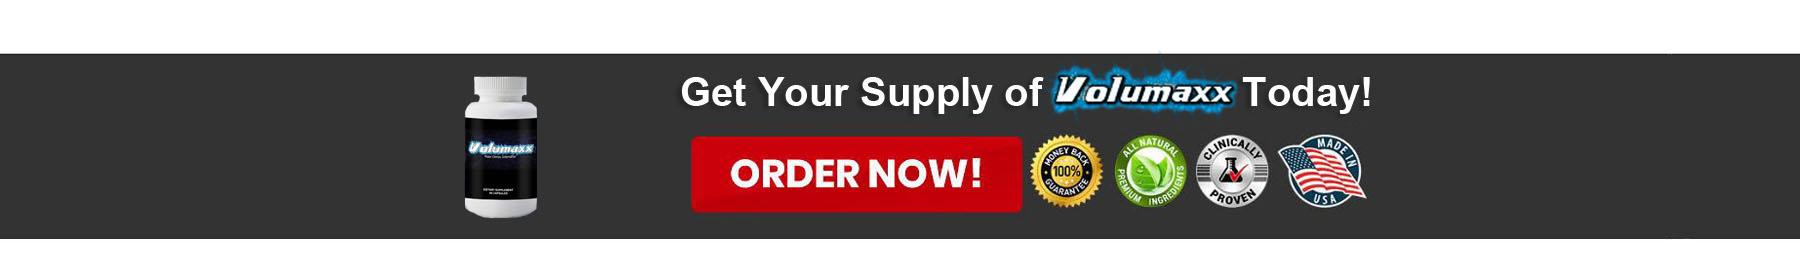 get your supply of Volumaxx today